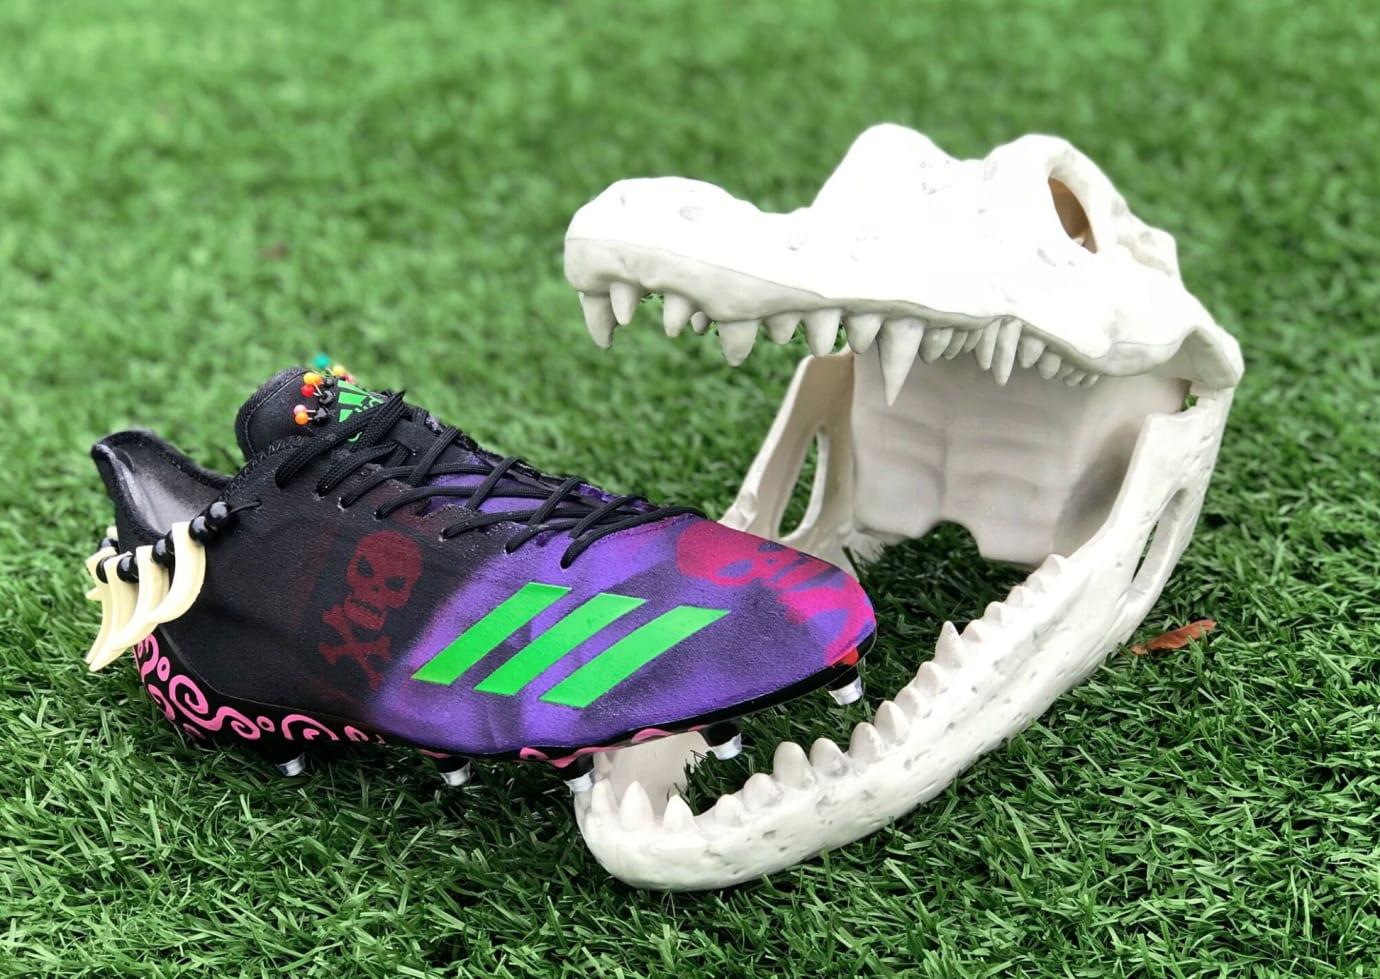 Adidas Adizero Landon Collins Voodoo Cleats Right